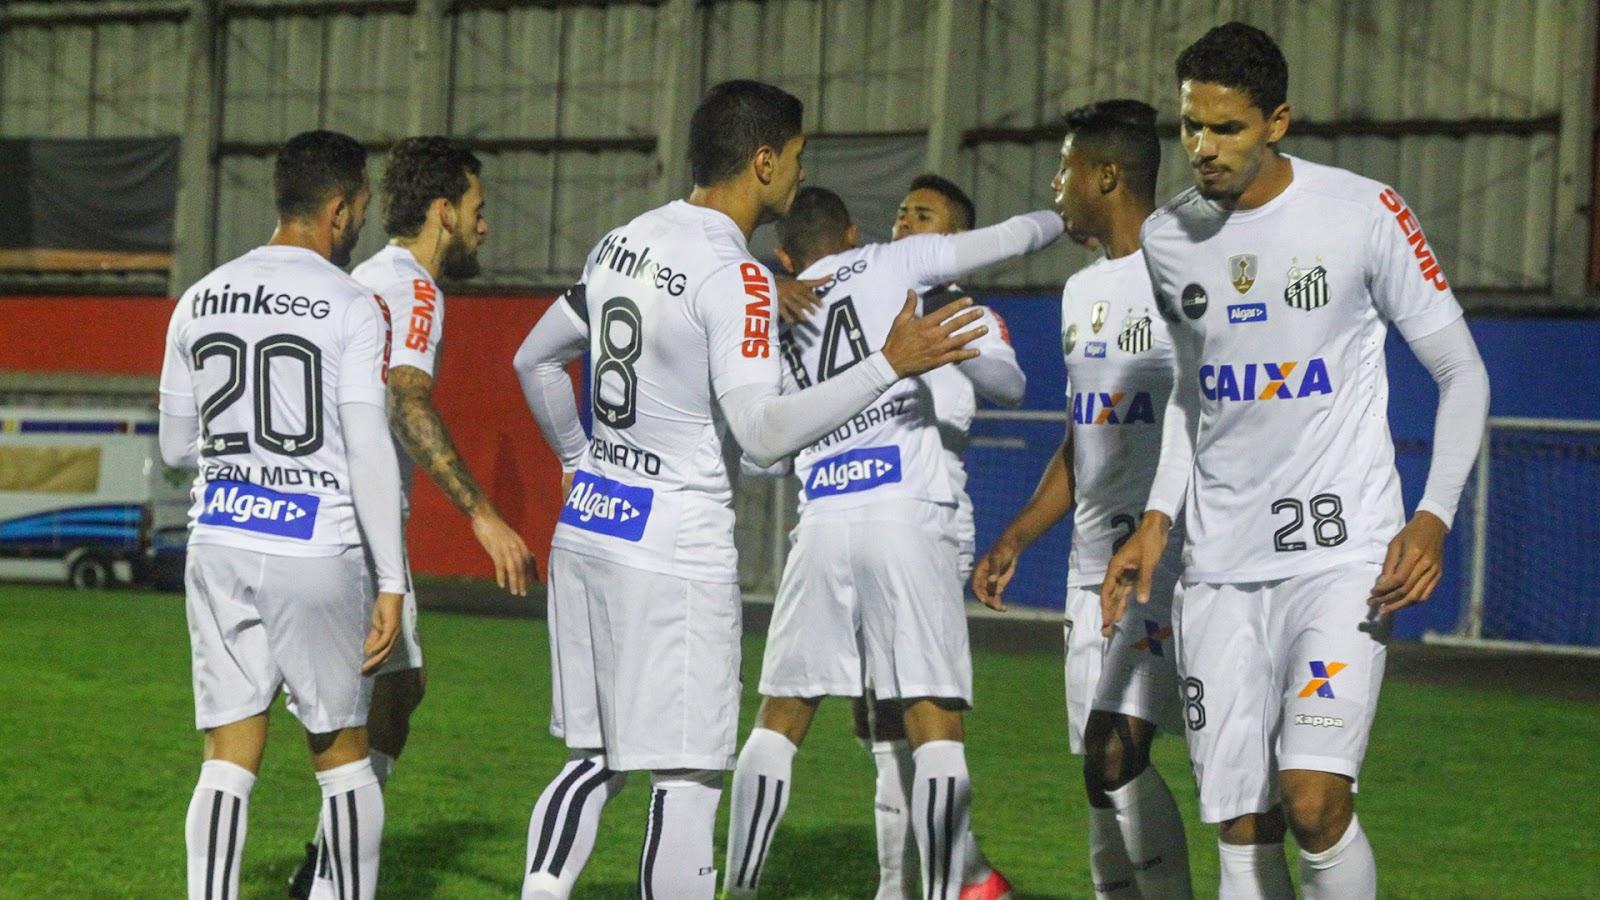 Vídeo: Santos precisa vender, mas Comitê veta